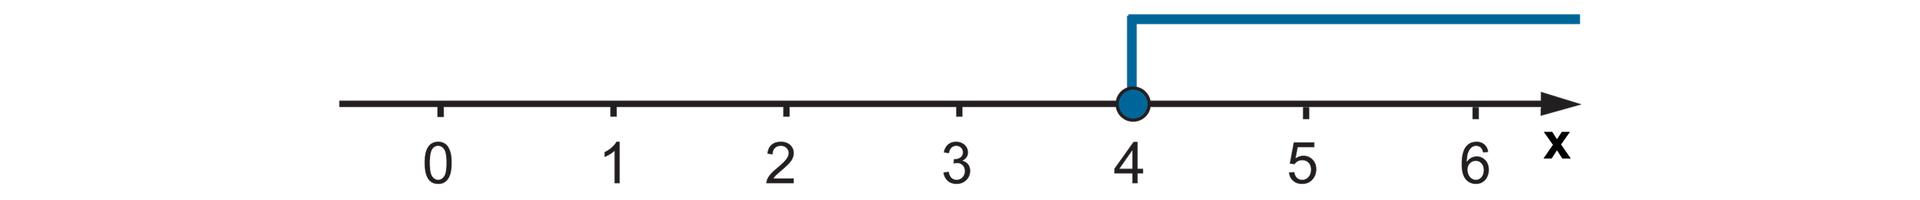 Rysunek osi liczbowej zzaznaczonymi punktami od 0 do 6. Zamalowane kółko wpunkcie 4 izaznaczone wszystkie liczby wprawo od 4.